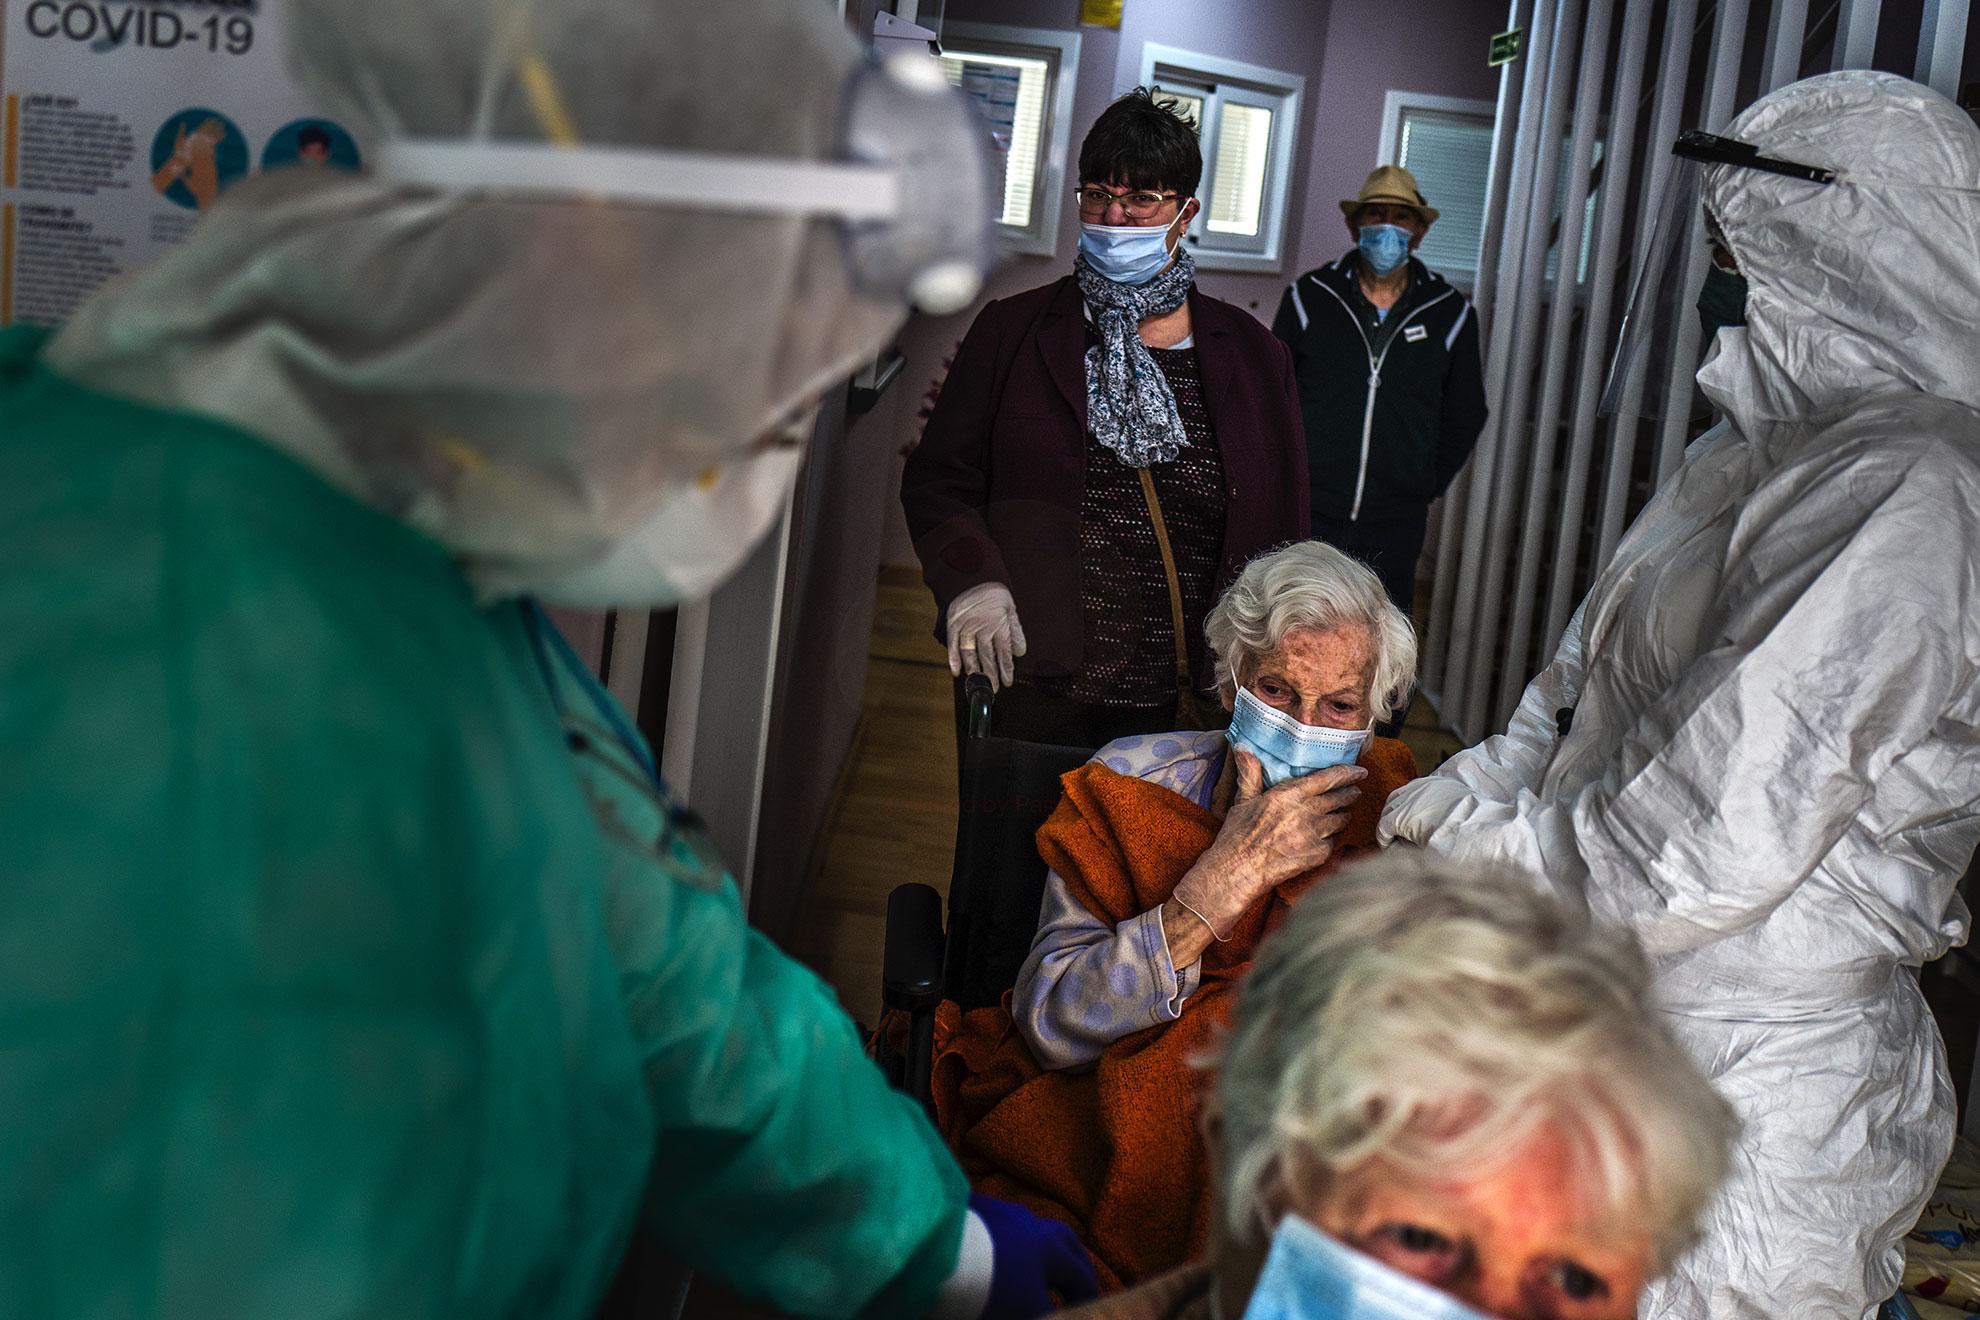 Unos trabajadores de la ONG española Open Arms esperan en la recepción de una residencia con un grupo de ancianos , no positivos a COVID-19, Barcelona, España. En los hogares de ancianos, se hace todo lo posible para mantener alejados a los visitantes que puedan estar infectados, y los miembros de la familia casi siempre tienen prohibido ir a ver a sus seres queridos.